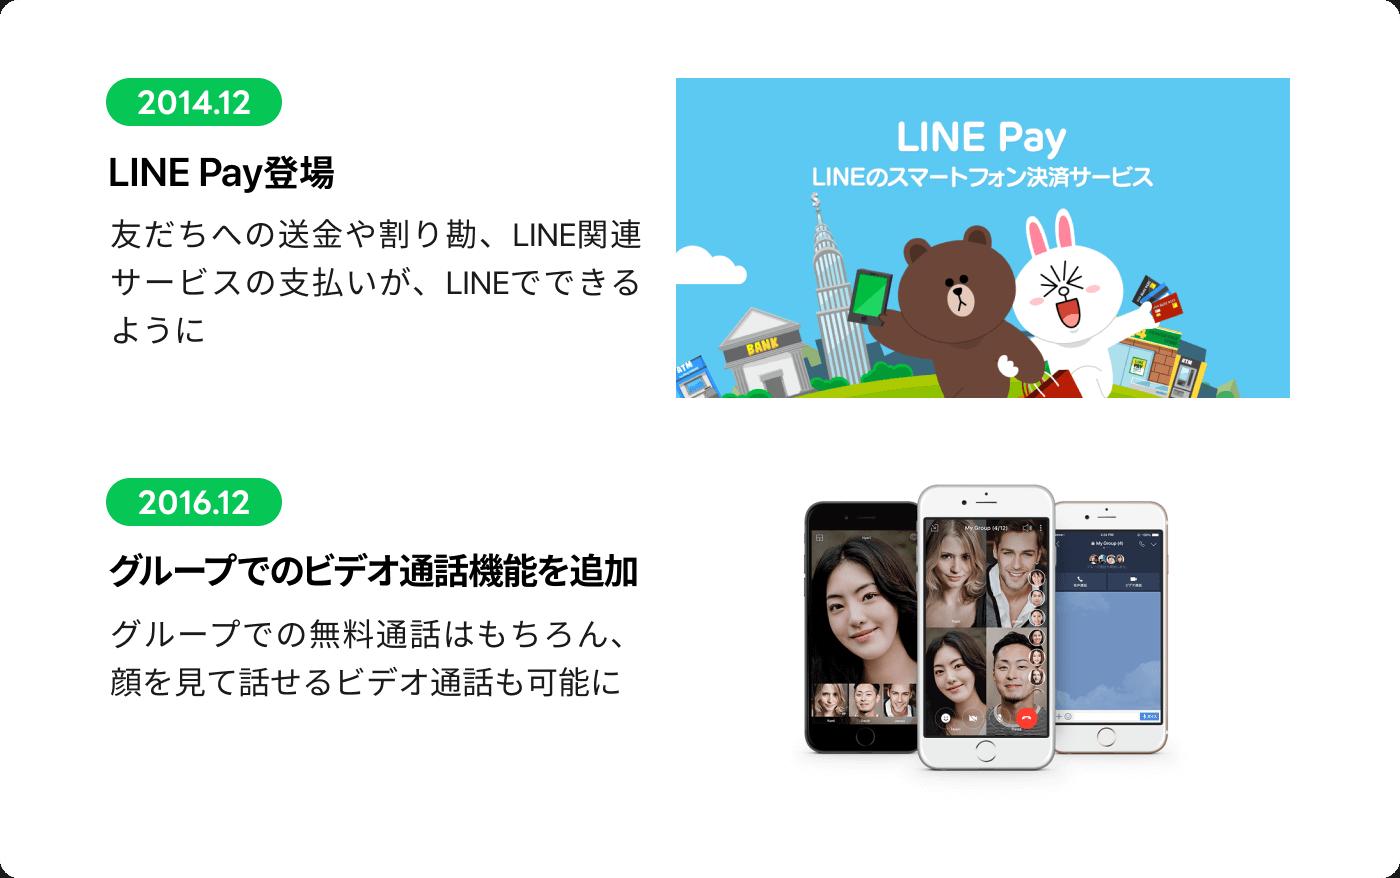 2014.12 友だちへの送金や割り勘、LINE関連サービスの支払いが、LINEでできるように 2016.12 グループでの無料通話はもちろん、顔を見て話せるビデオ通話も可能に